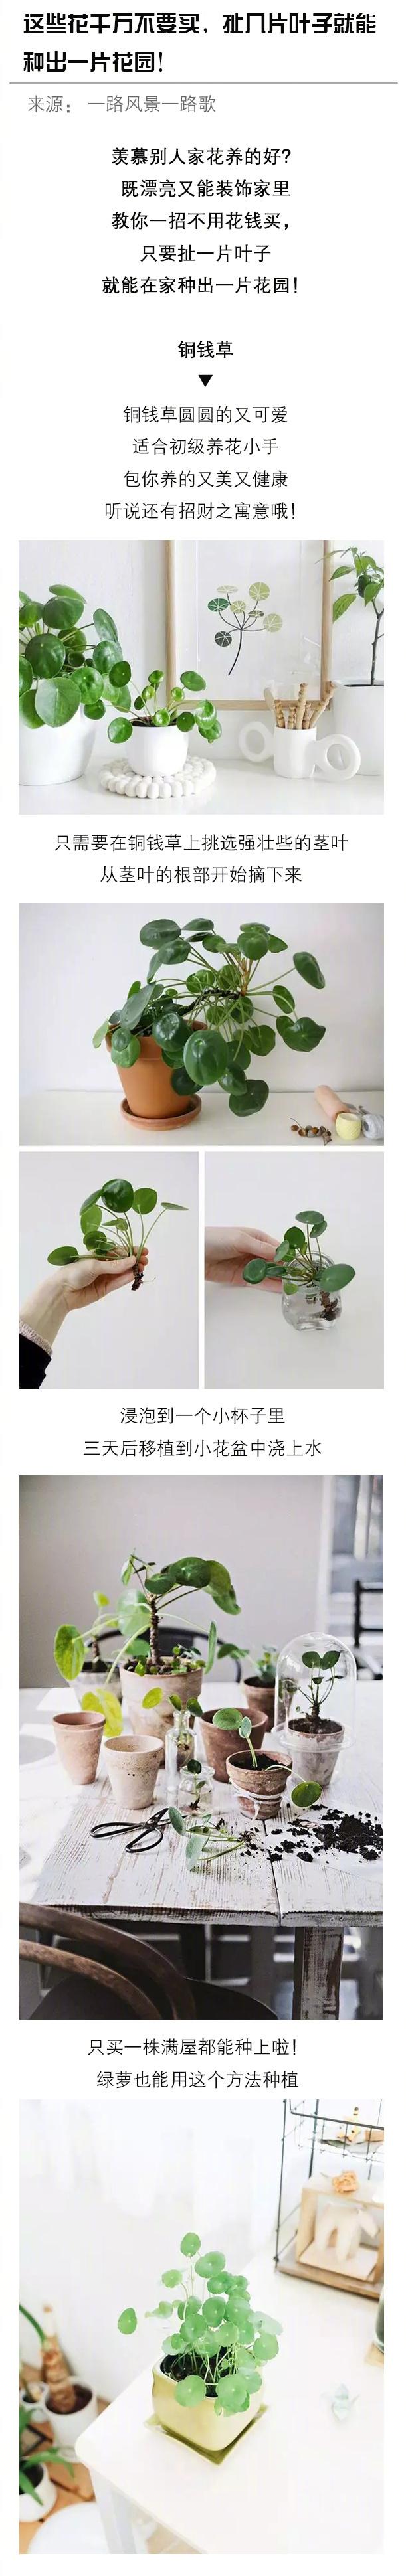 这些花千万不要买,扯几片叶子就能种出一片花园!